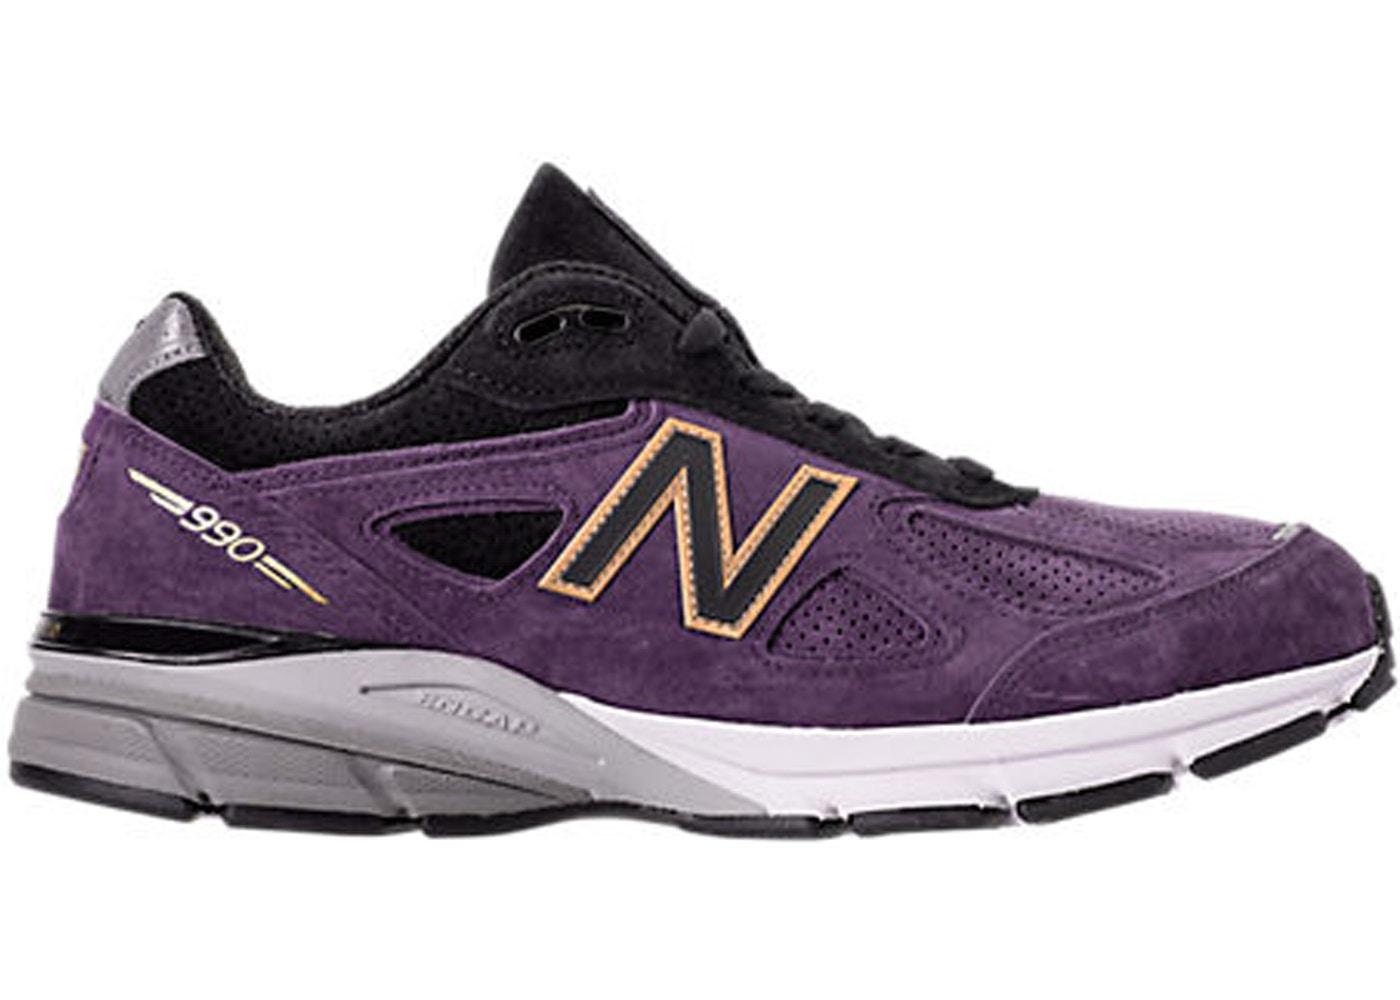 brand new 0be07 27b18 New Balance 990v4 Wild Indigo